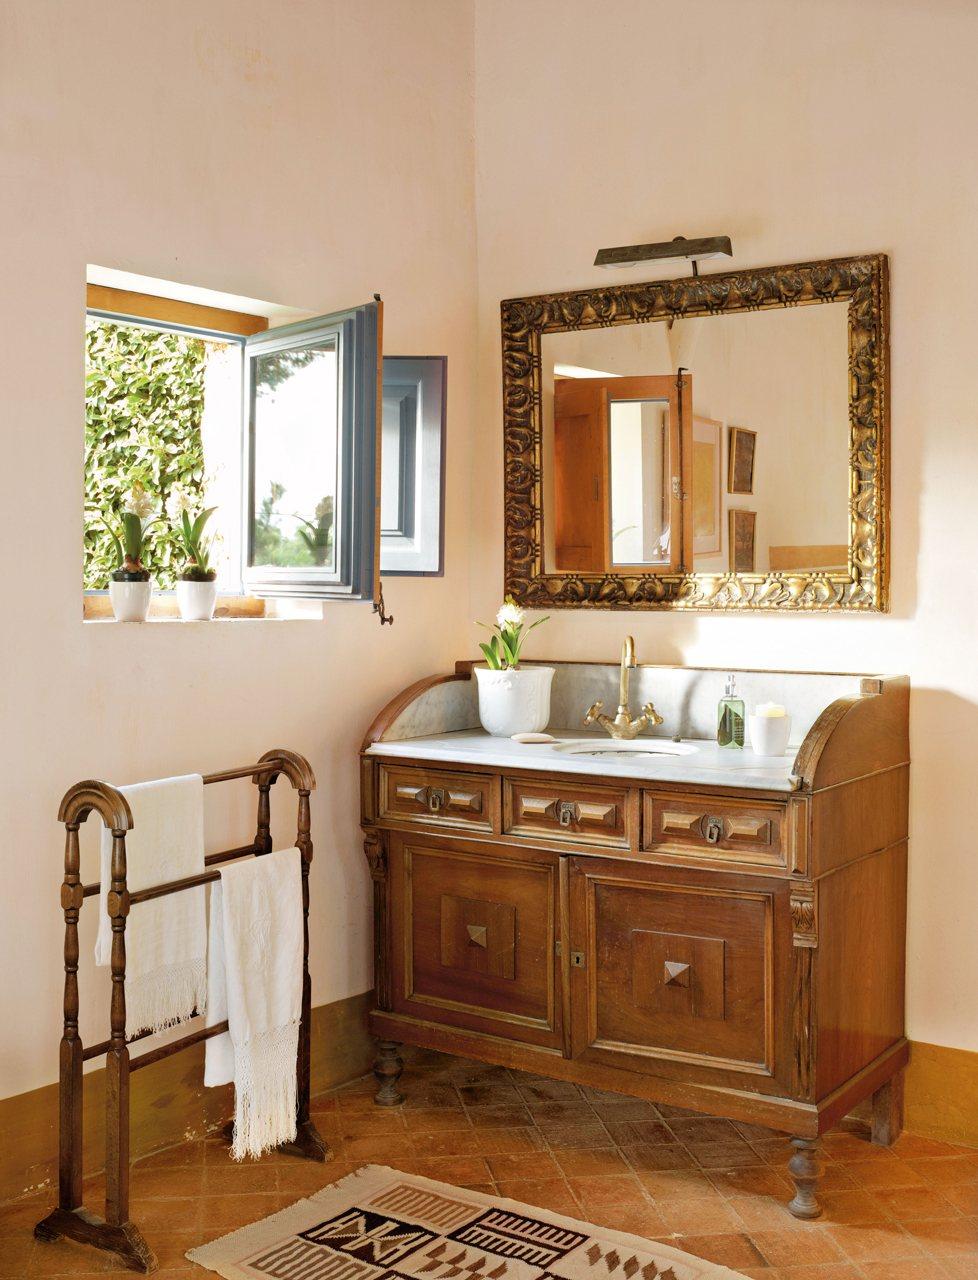 Como restaurar un mueble de bao lo que han hecho para - Restaurar muebles ...